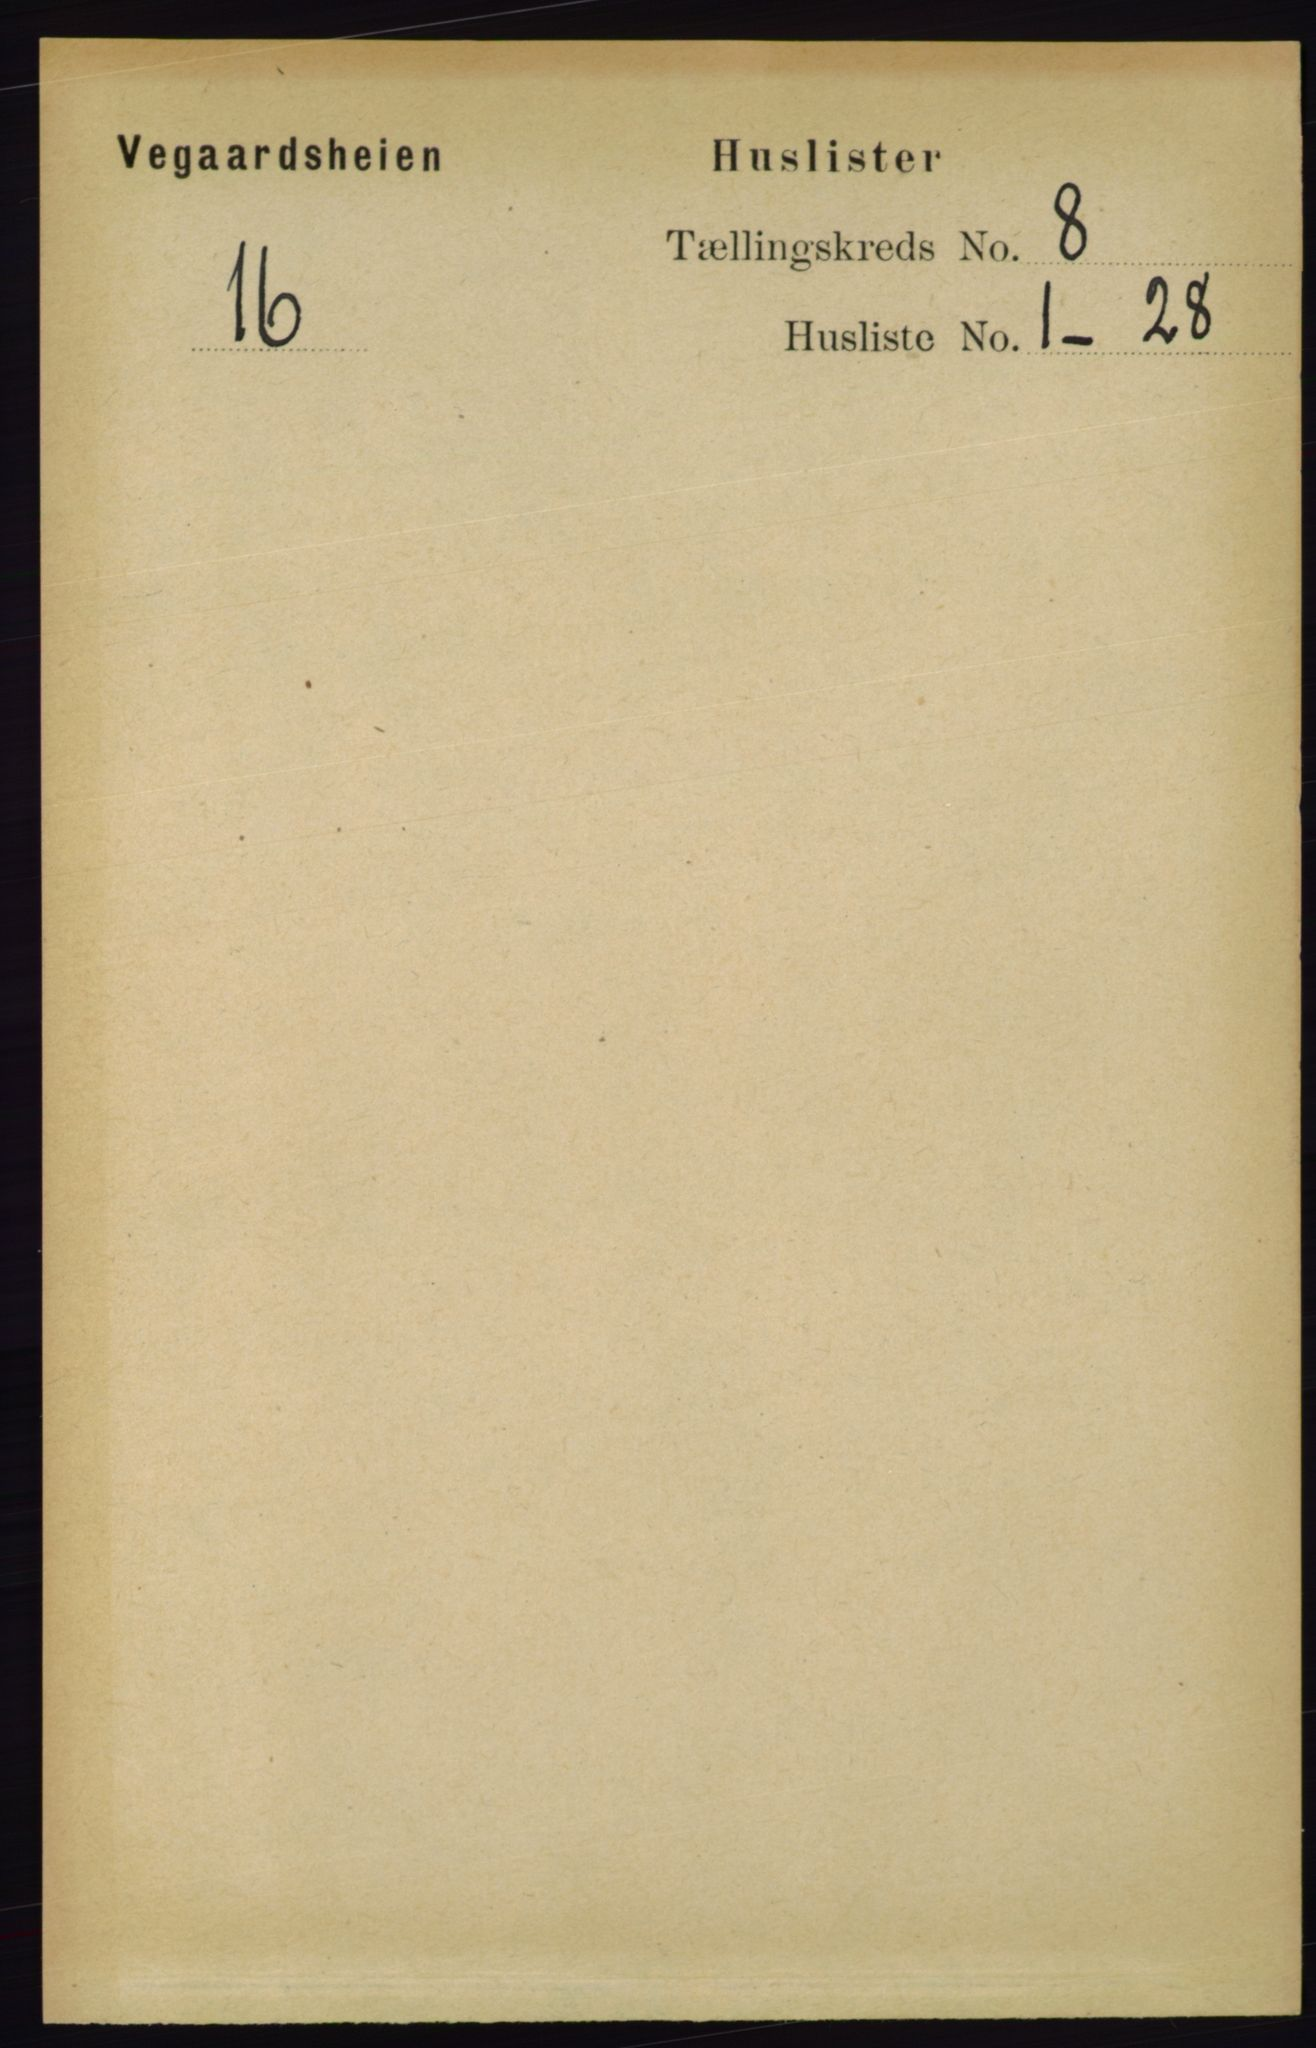 RA, Folketelling 1891 for 0912 Vegårshei herred, 1891, s. 1489